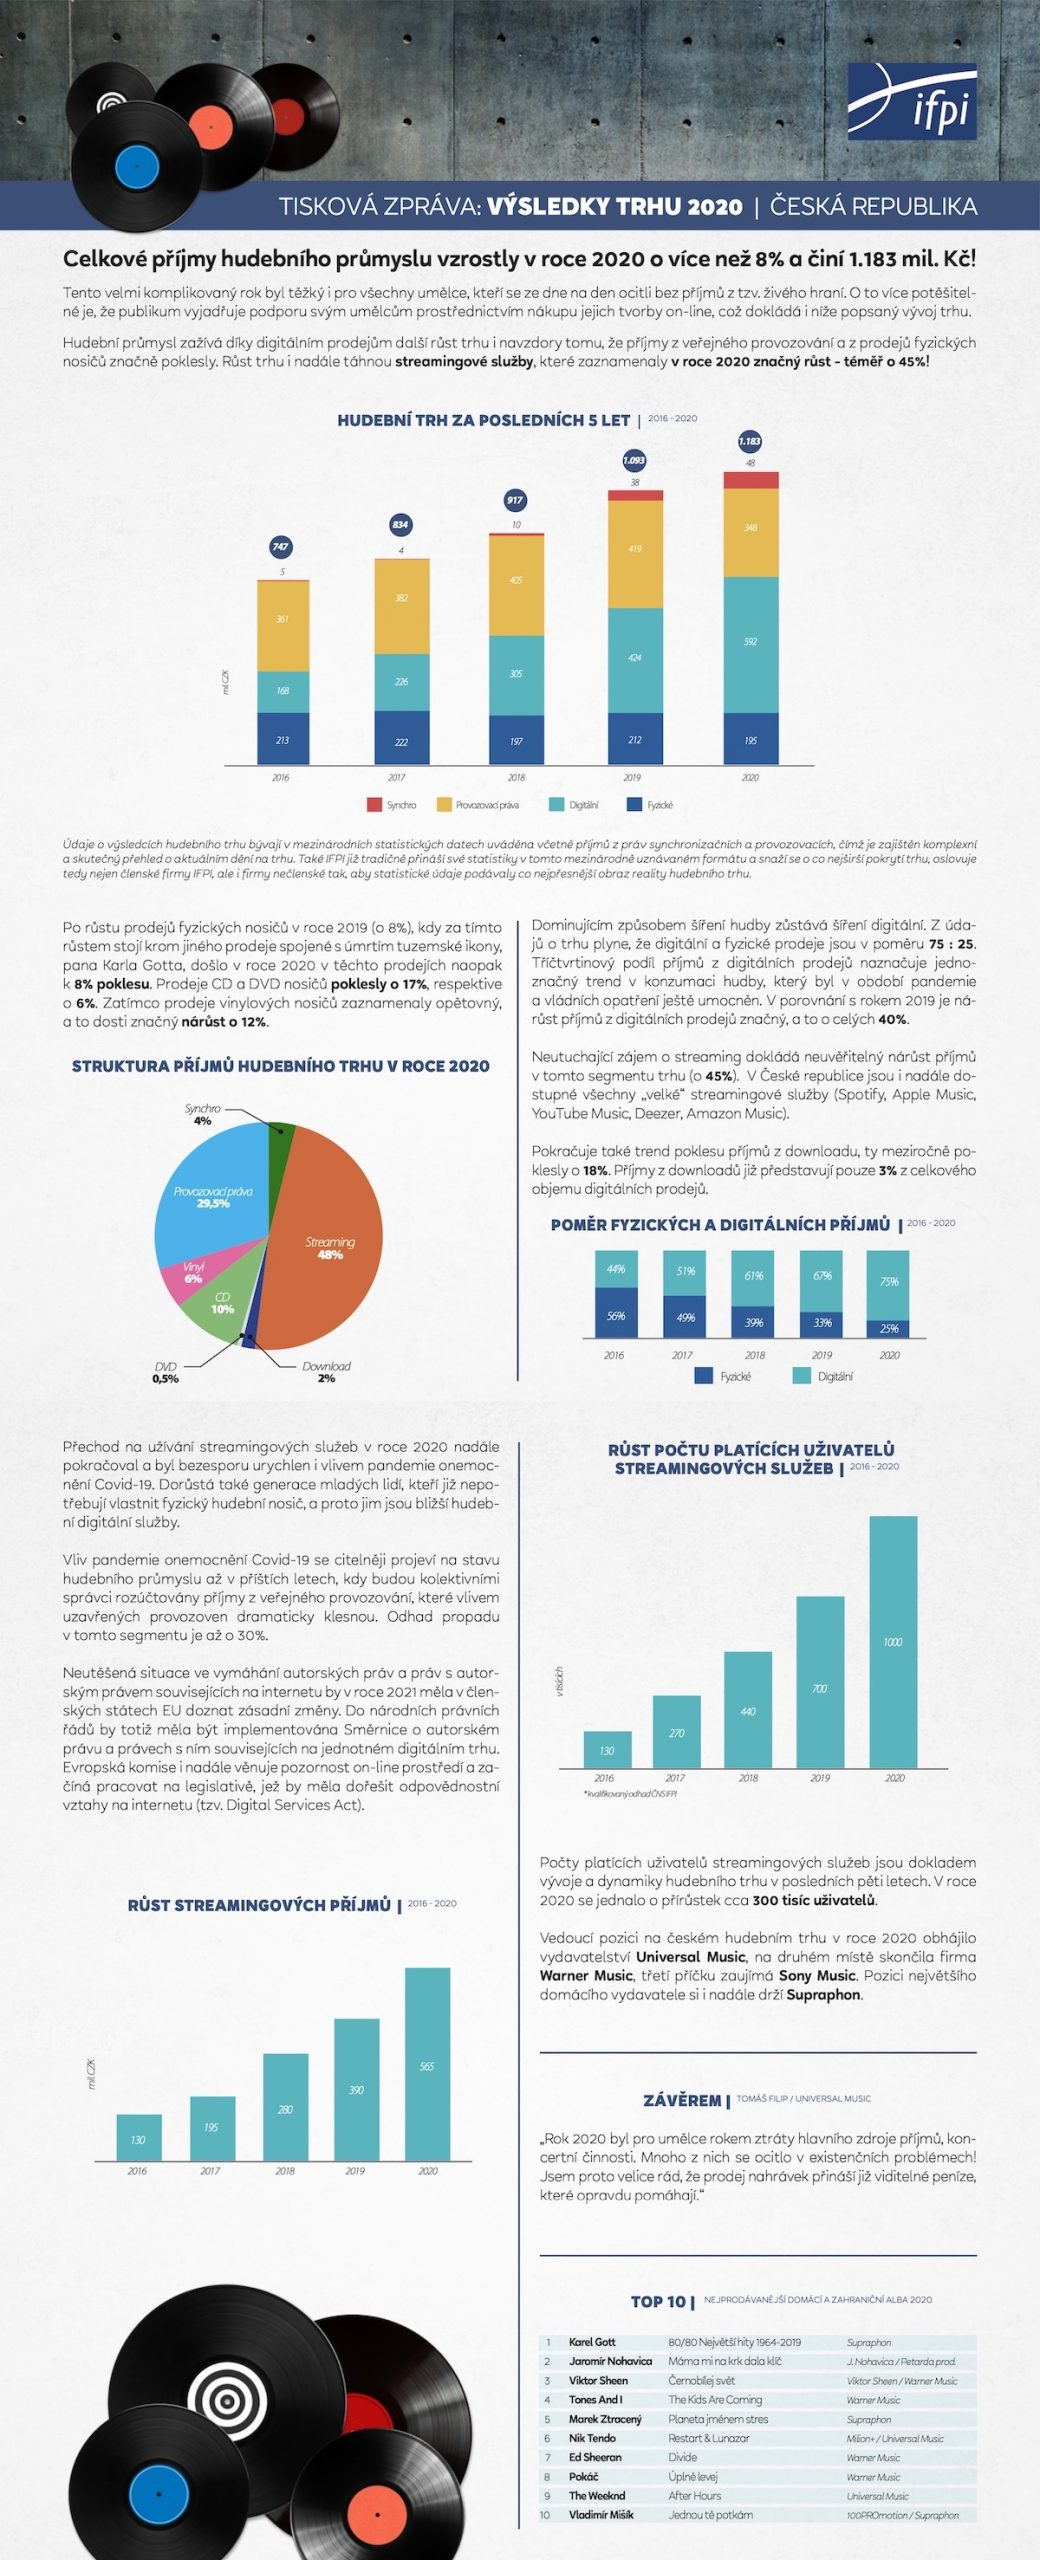 Hudební trh v ČR v roce 2020. Zdroj: IFPI ČR